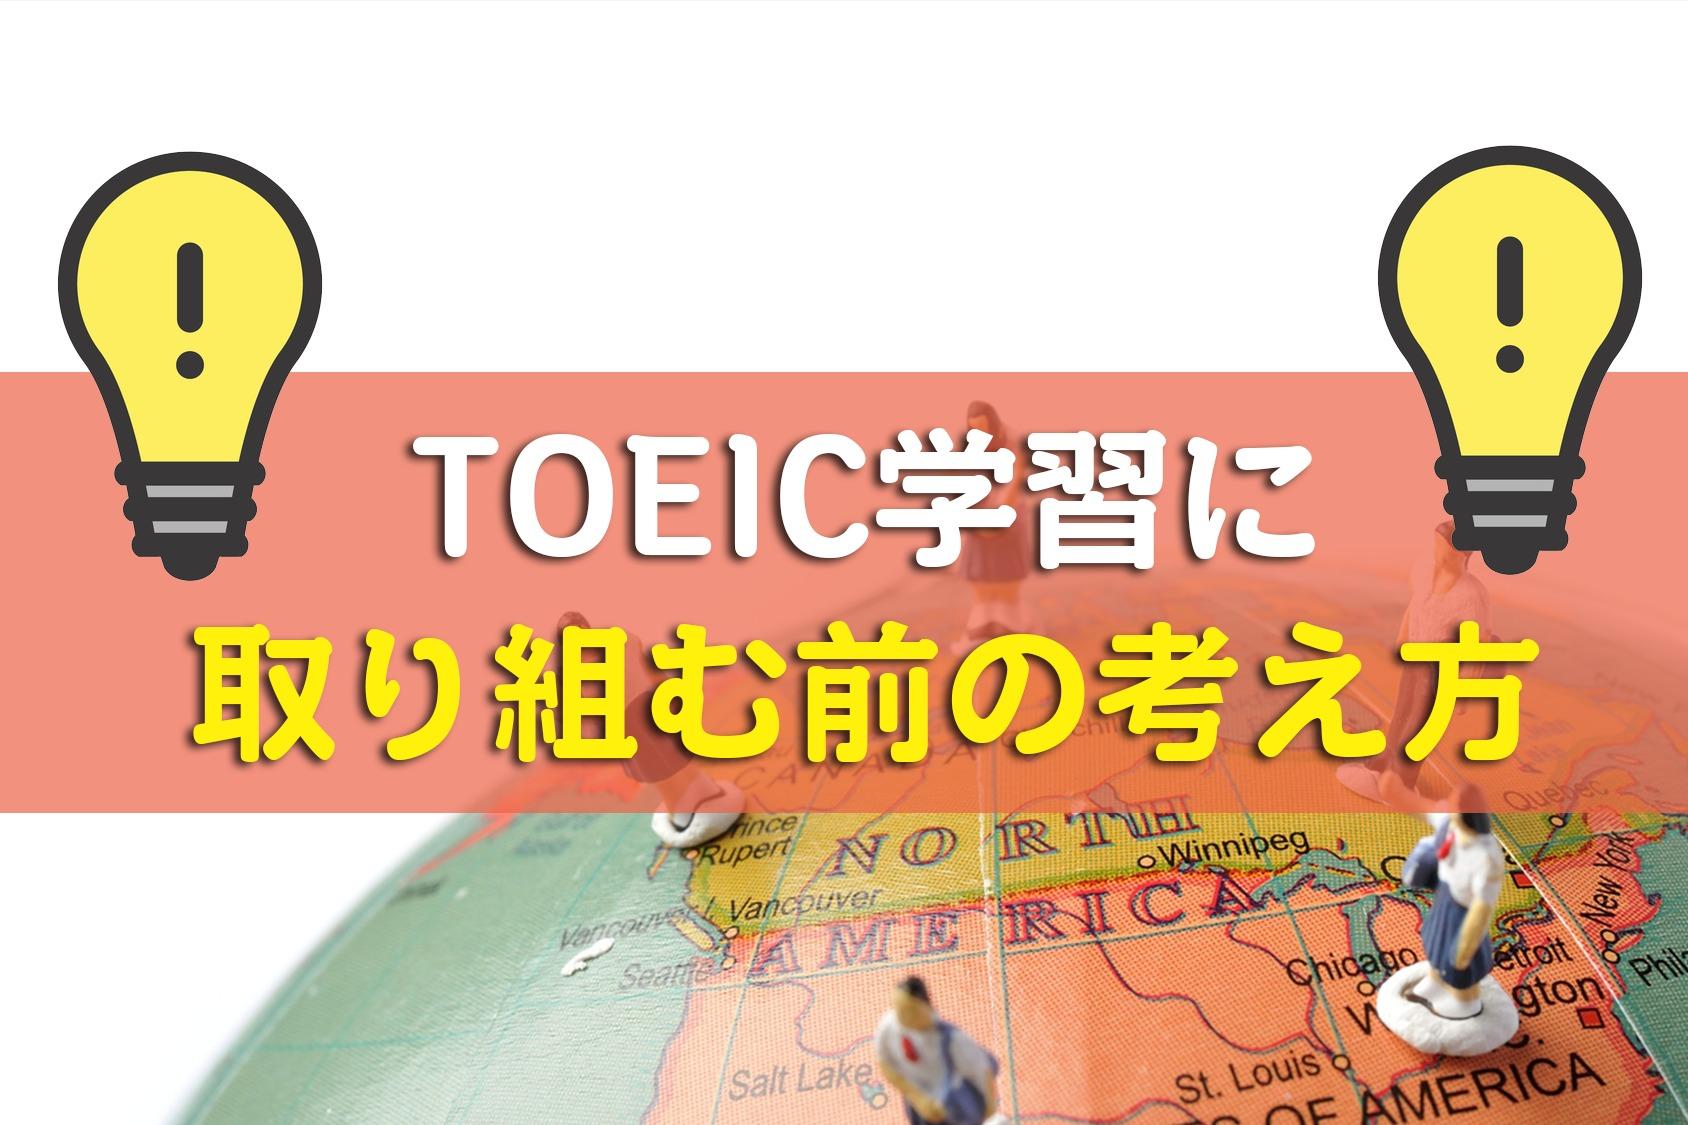 TOEIC学習に取り組む前の考え方